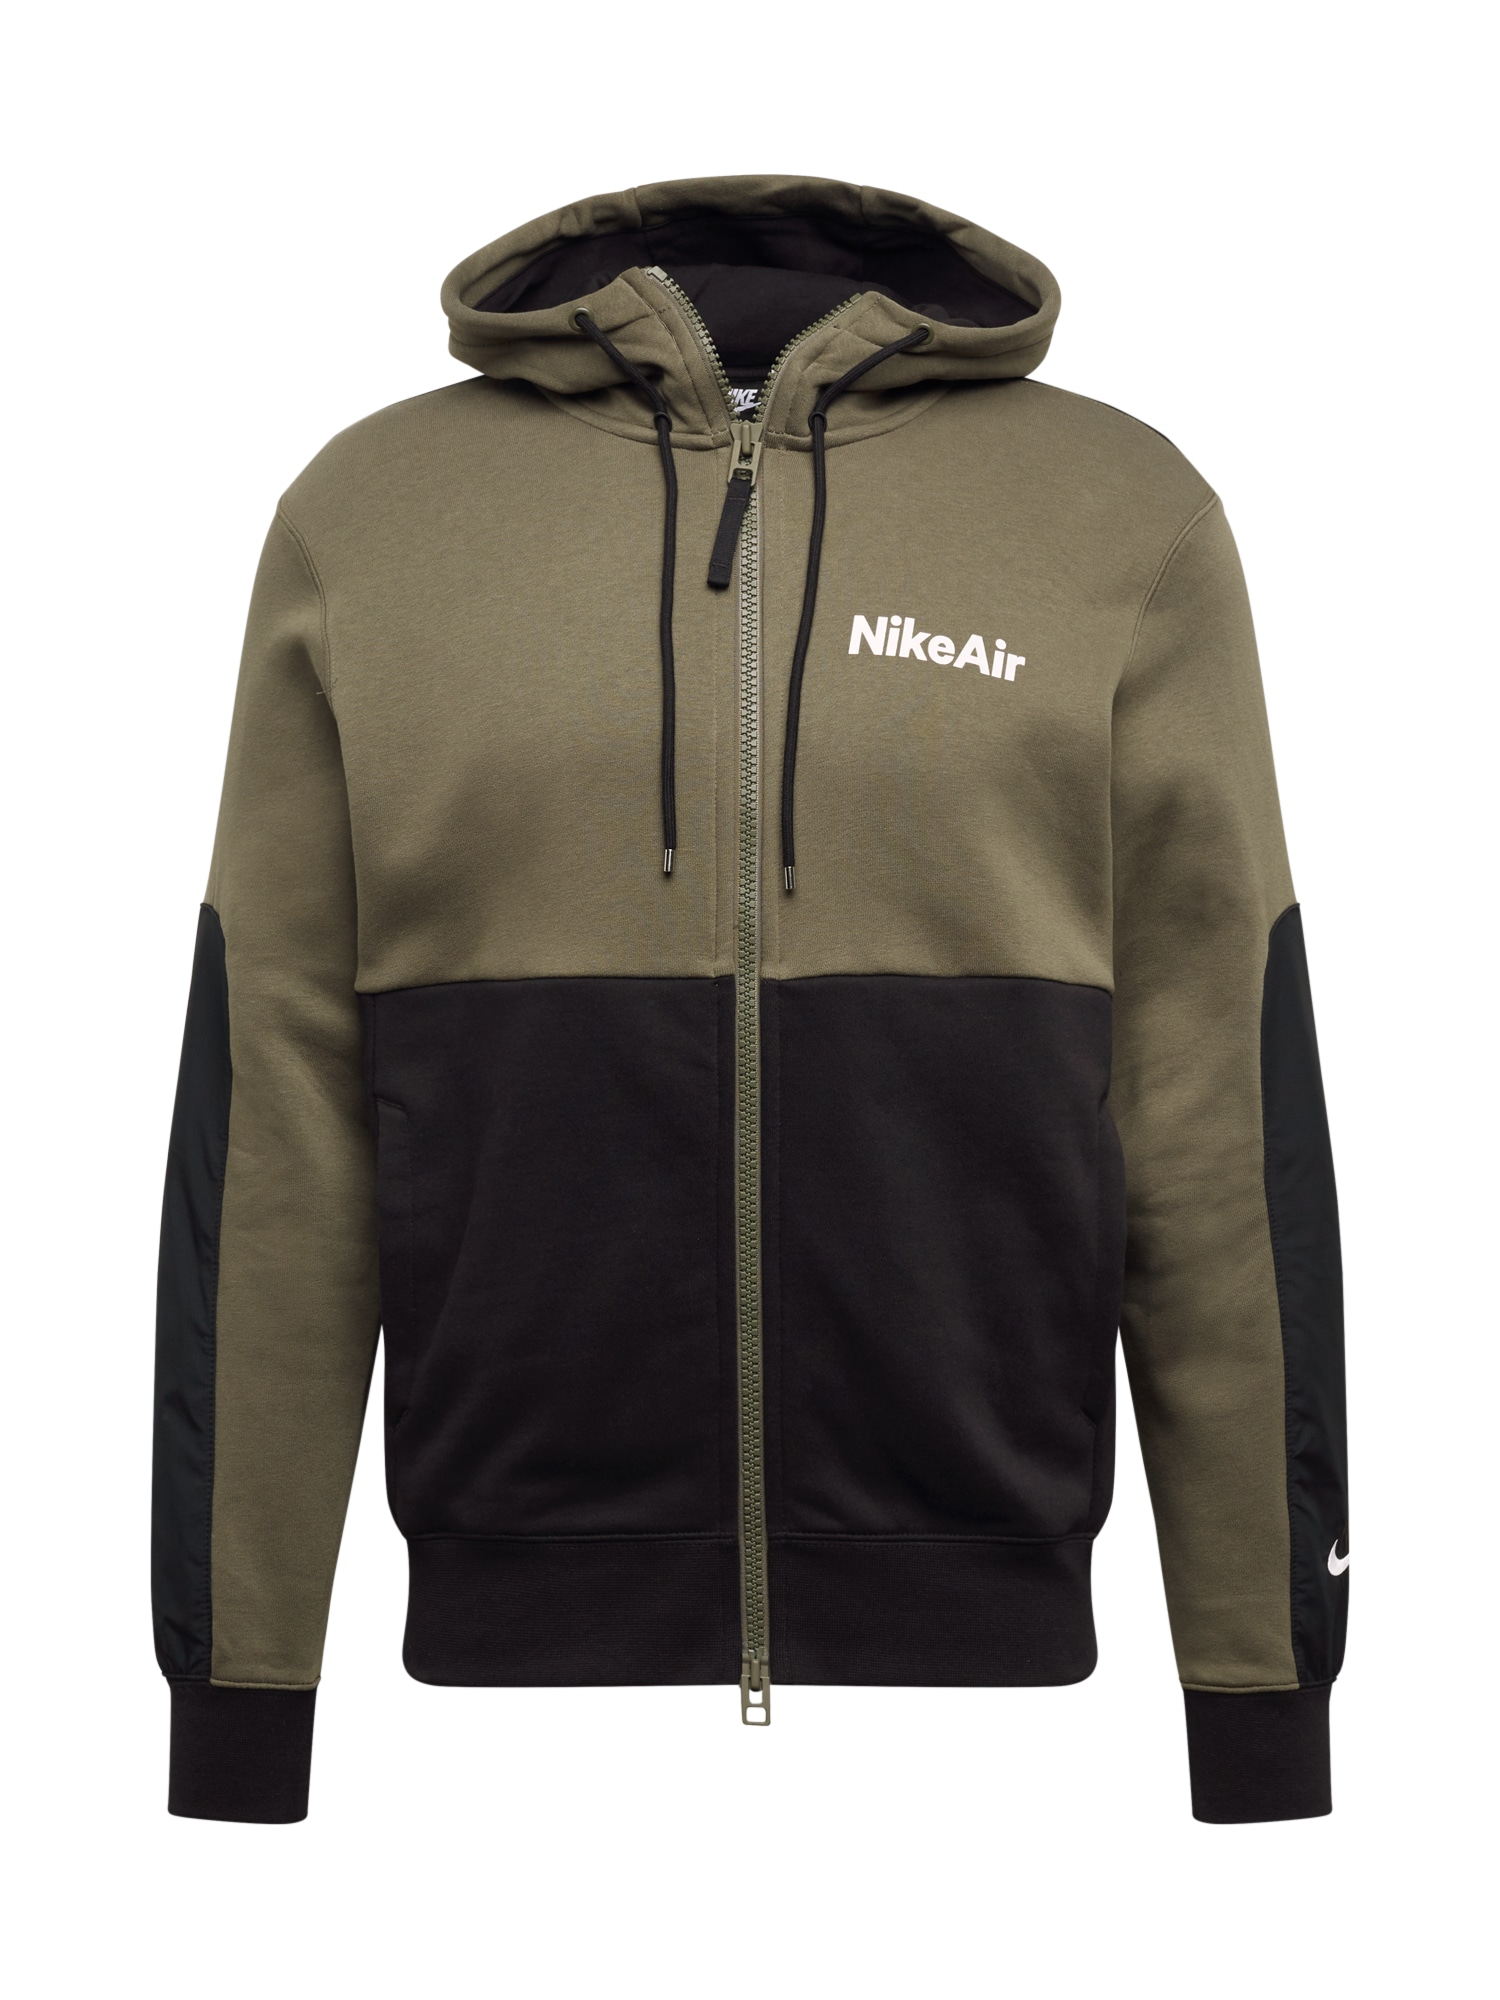 Nike Sportswear Mikina s kapucí 'Air'  bílá / olivová / černá